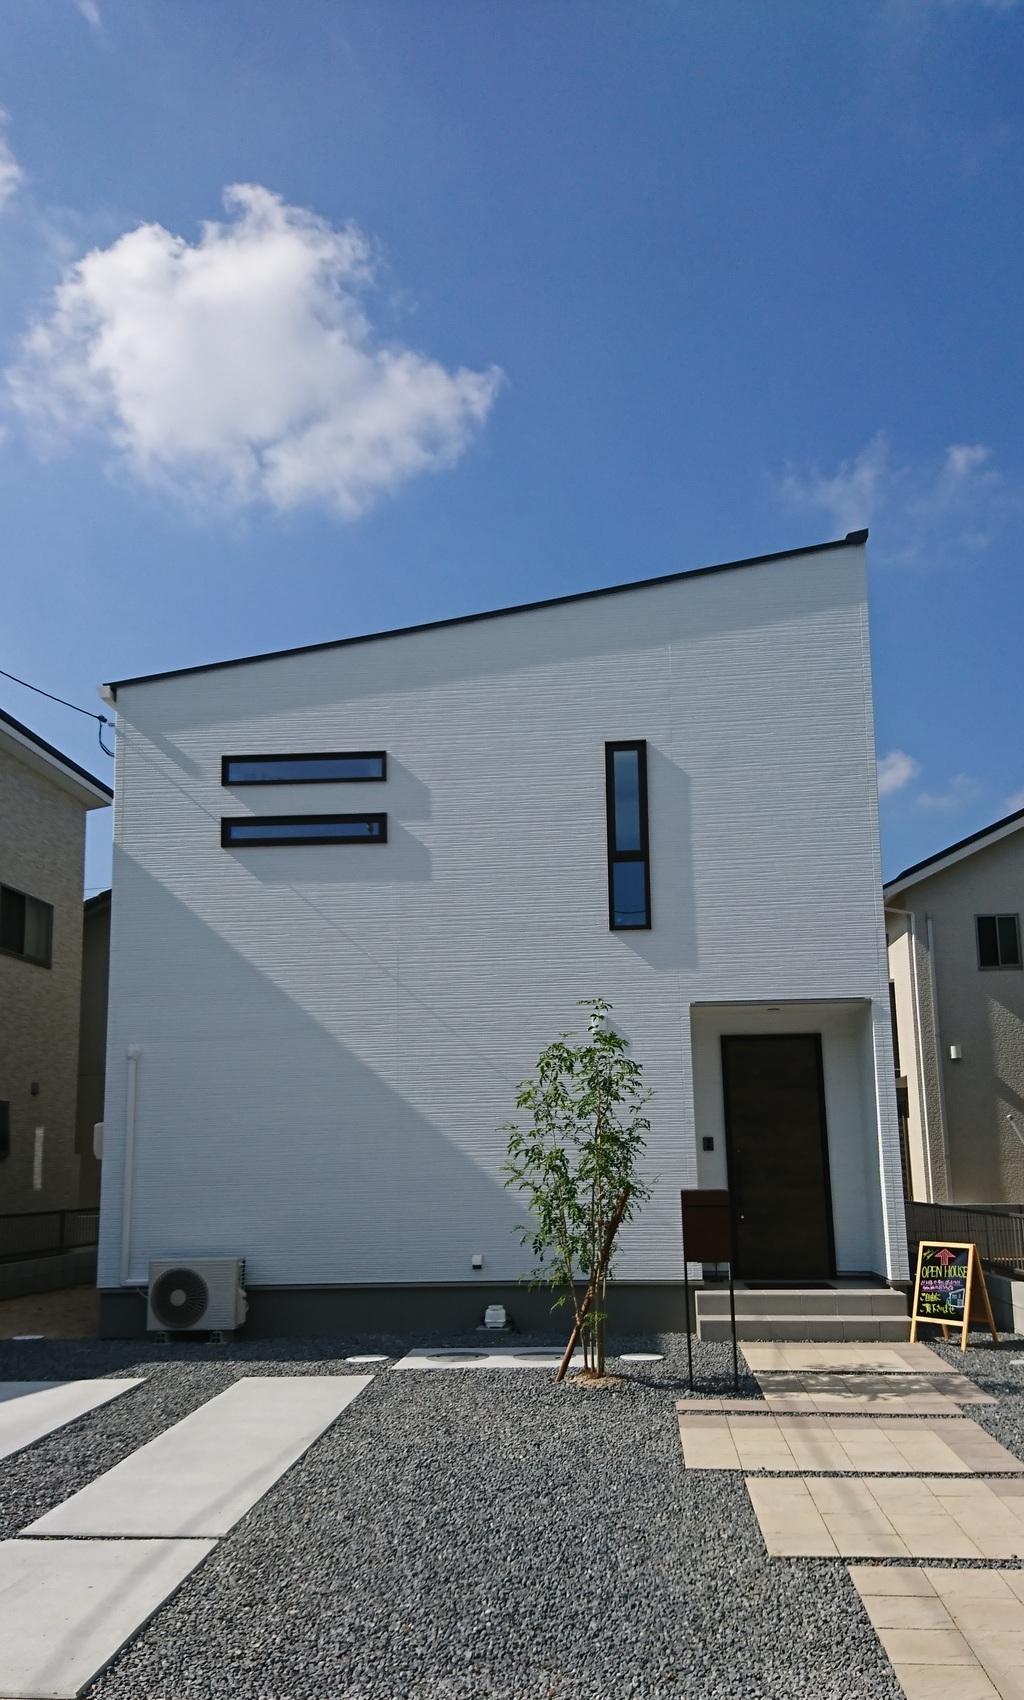 【瀬戸内市邑久町山田庄】新規分譲住宅2棟同時にご見学できます♪